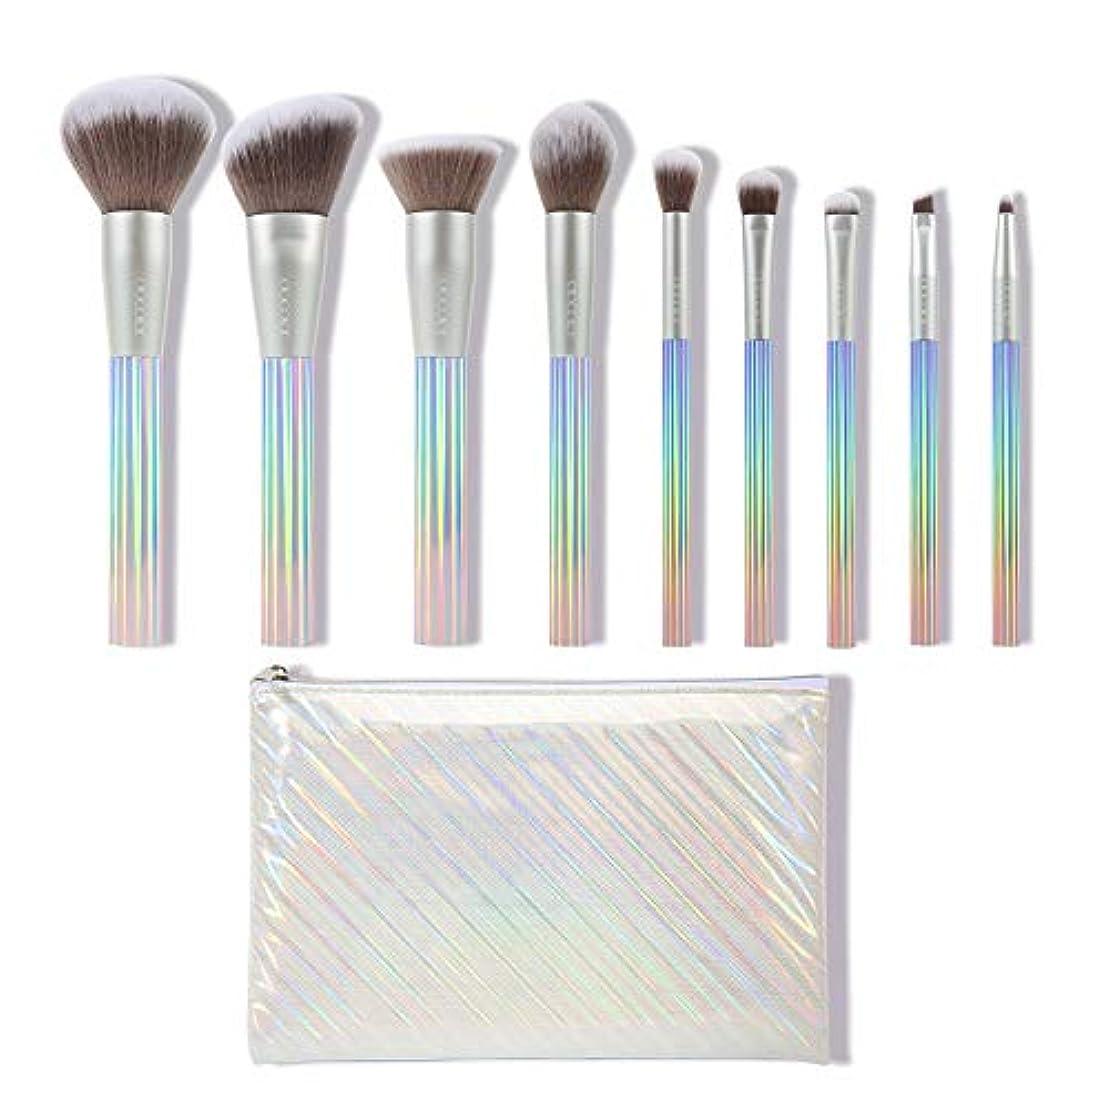 オデュッセウス用量専門化するDocolor ドゥカラー 化粧筆 オーロラメイクブラシセット9本 ホログラフィックカラー